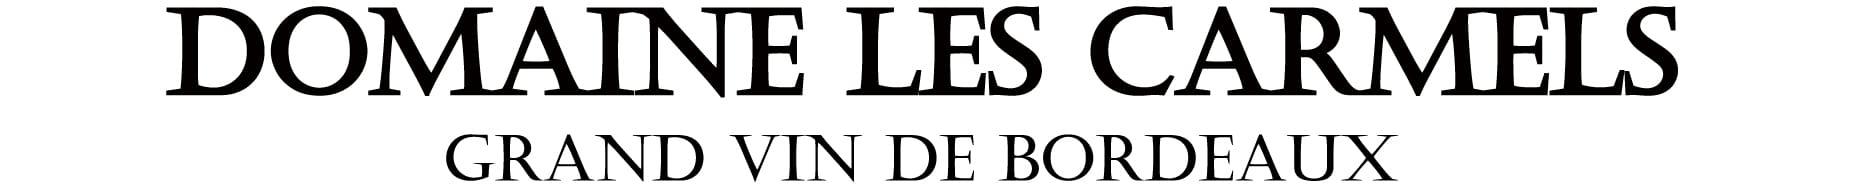 Domaine Les carmels